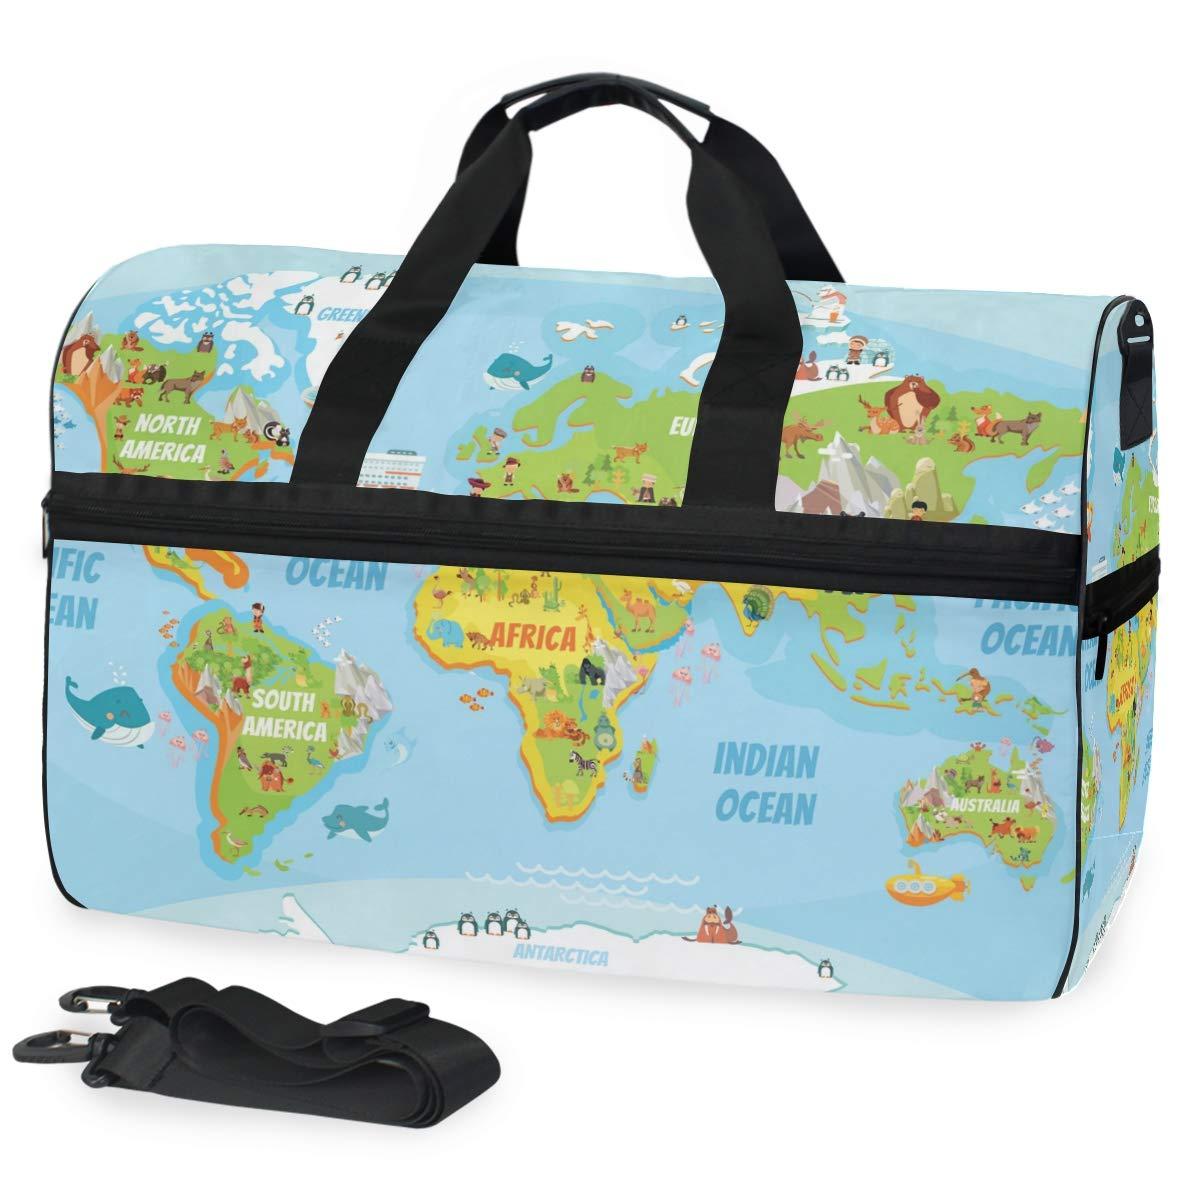 Travel Duffels Cute Koala Duffle Bag Luggage Sports Gym for Women /& Men